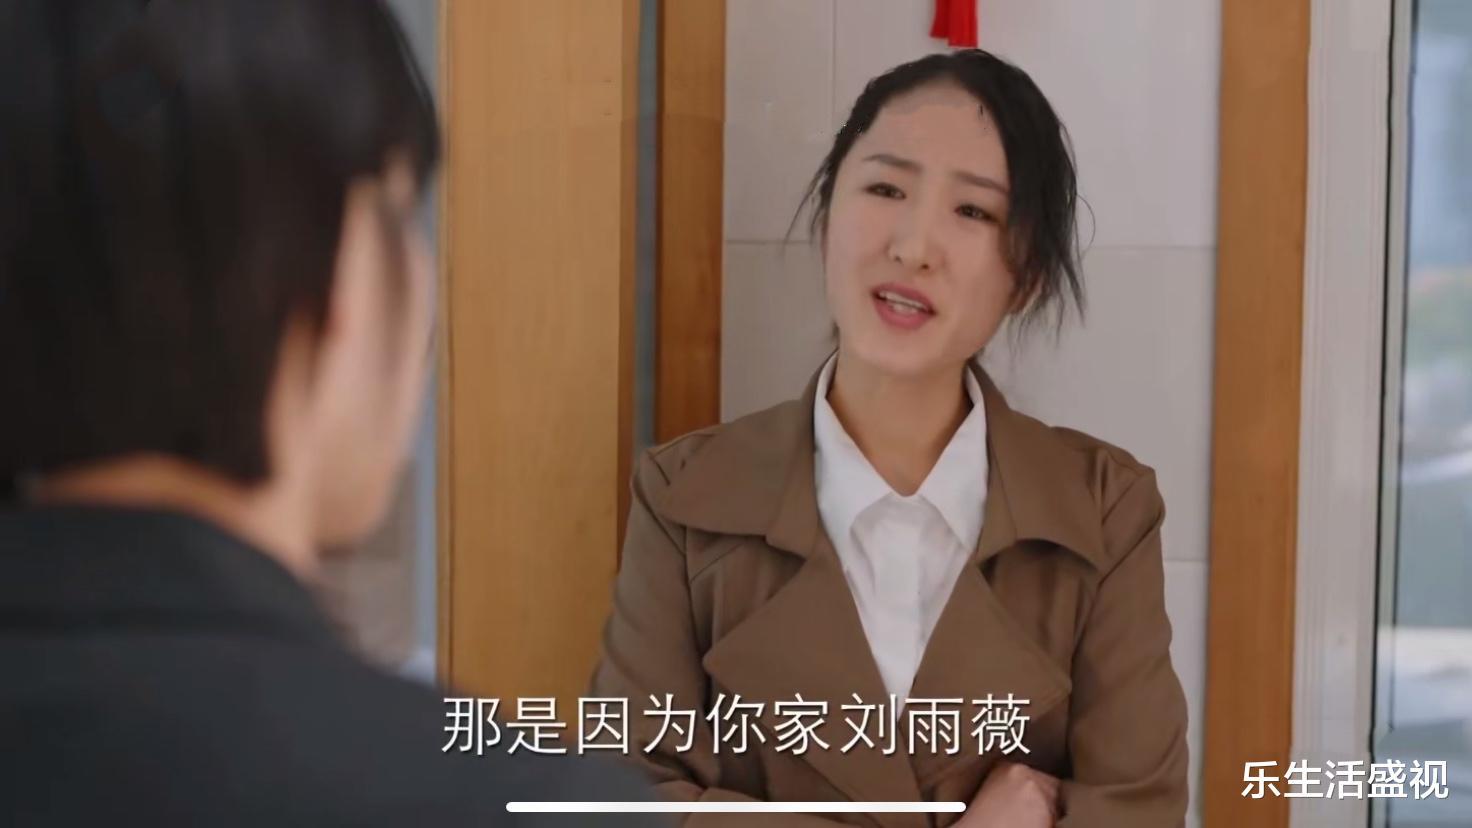 《親愛的自己》雨薇被老師欺負,張芝芝無能無力,劉洋的做法好解氣-圖4